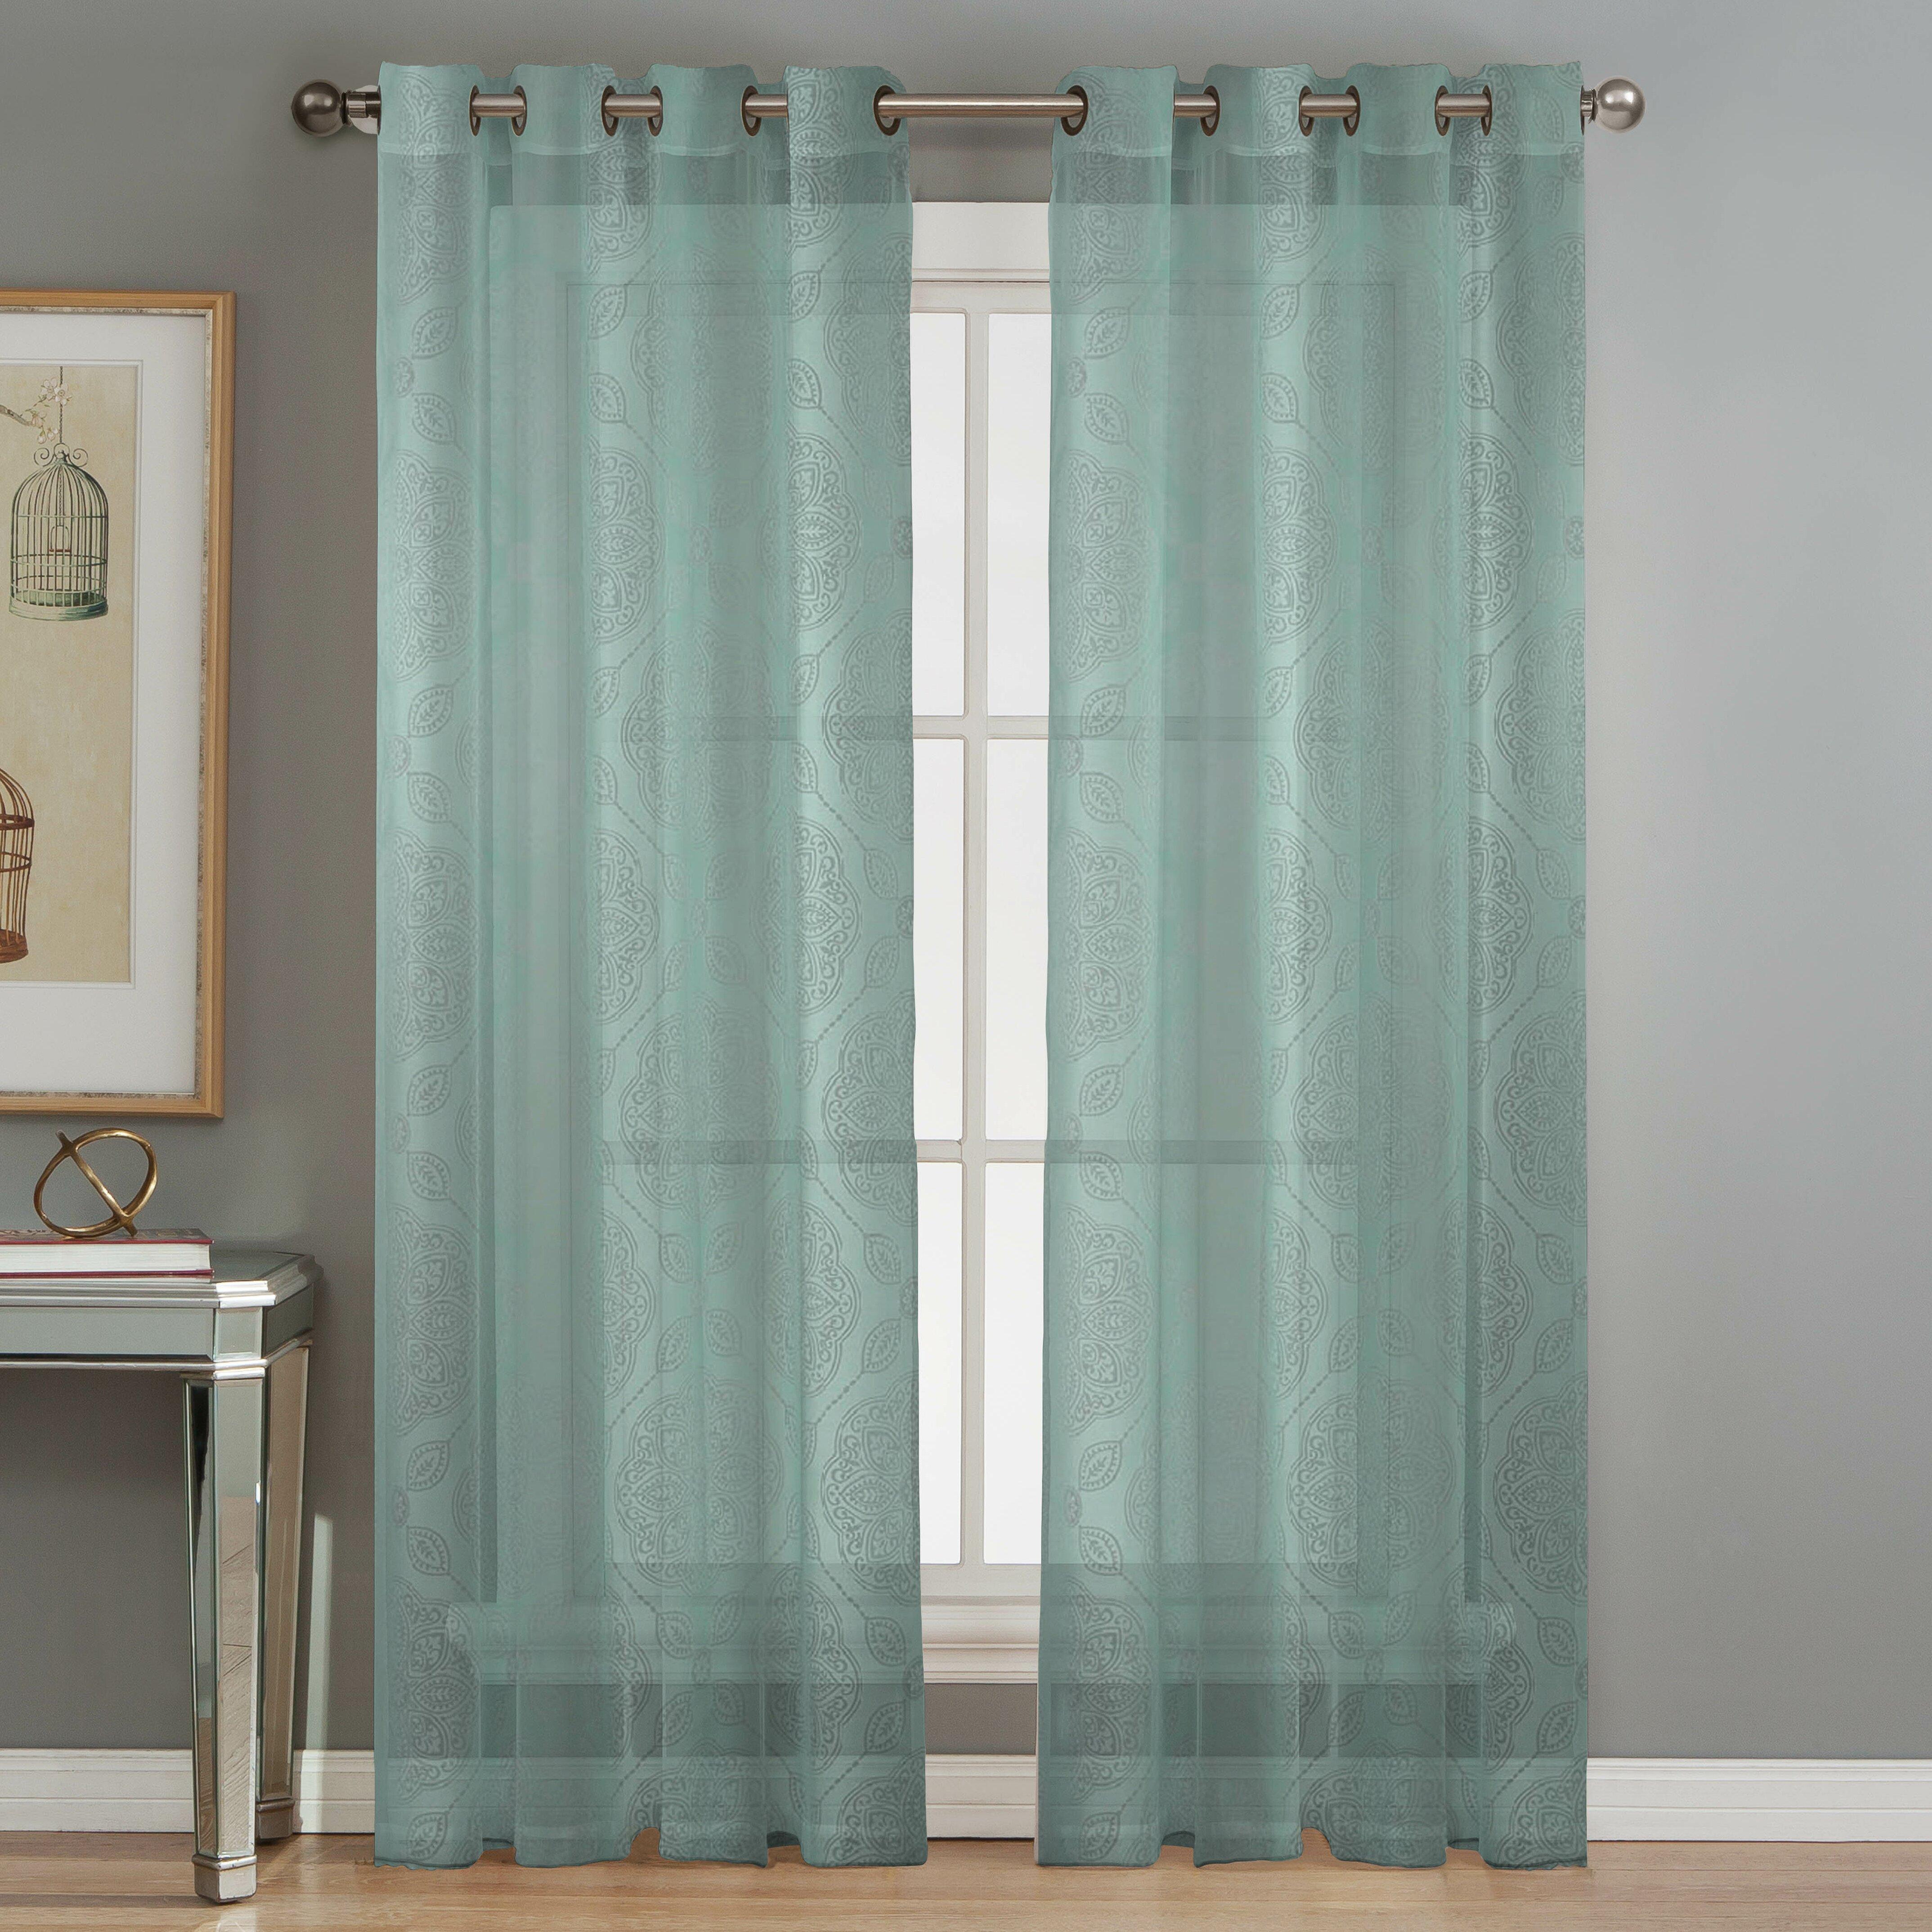 Burnout Curtains Window Elements ...